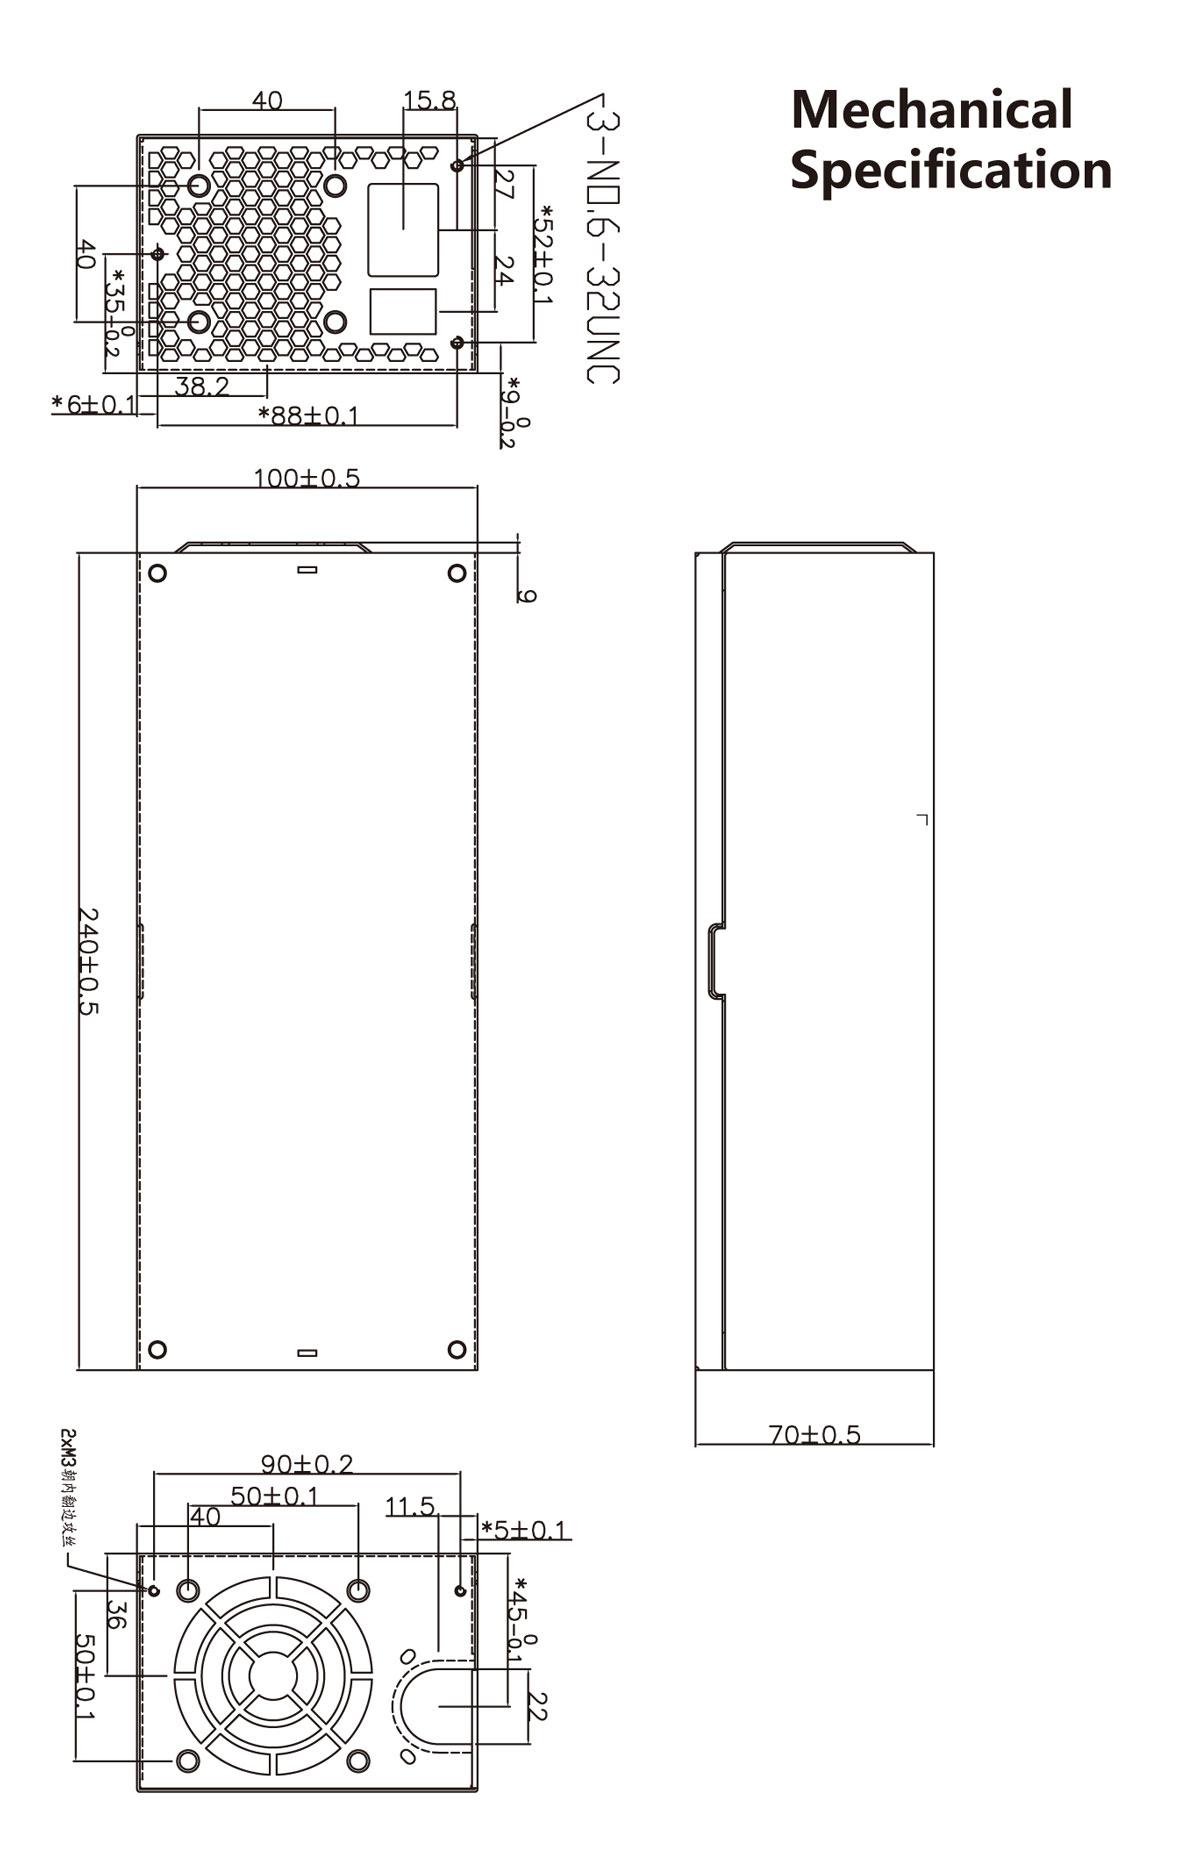 12-19 HK600-12UEP